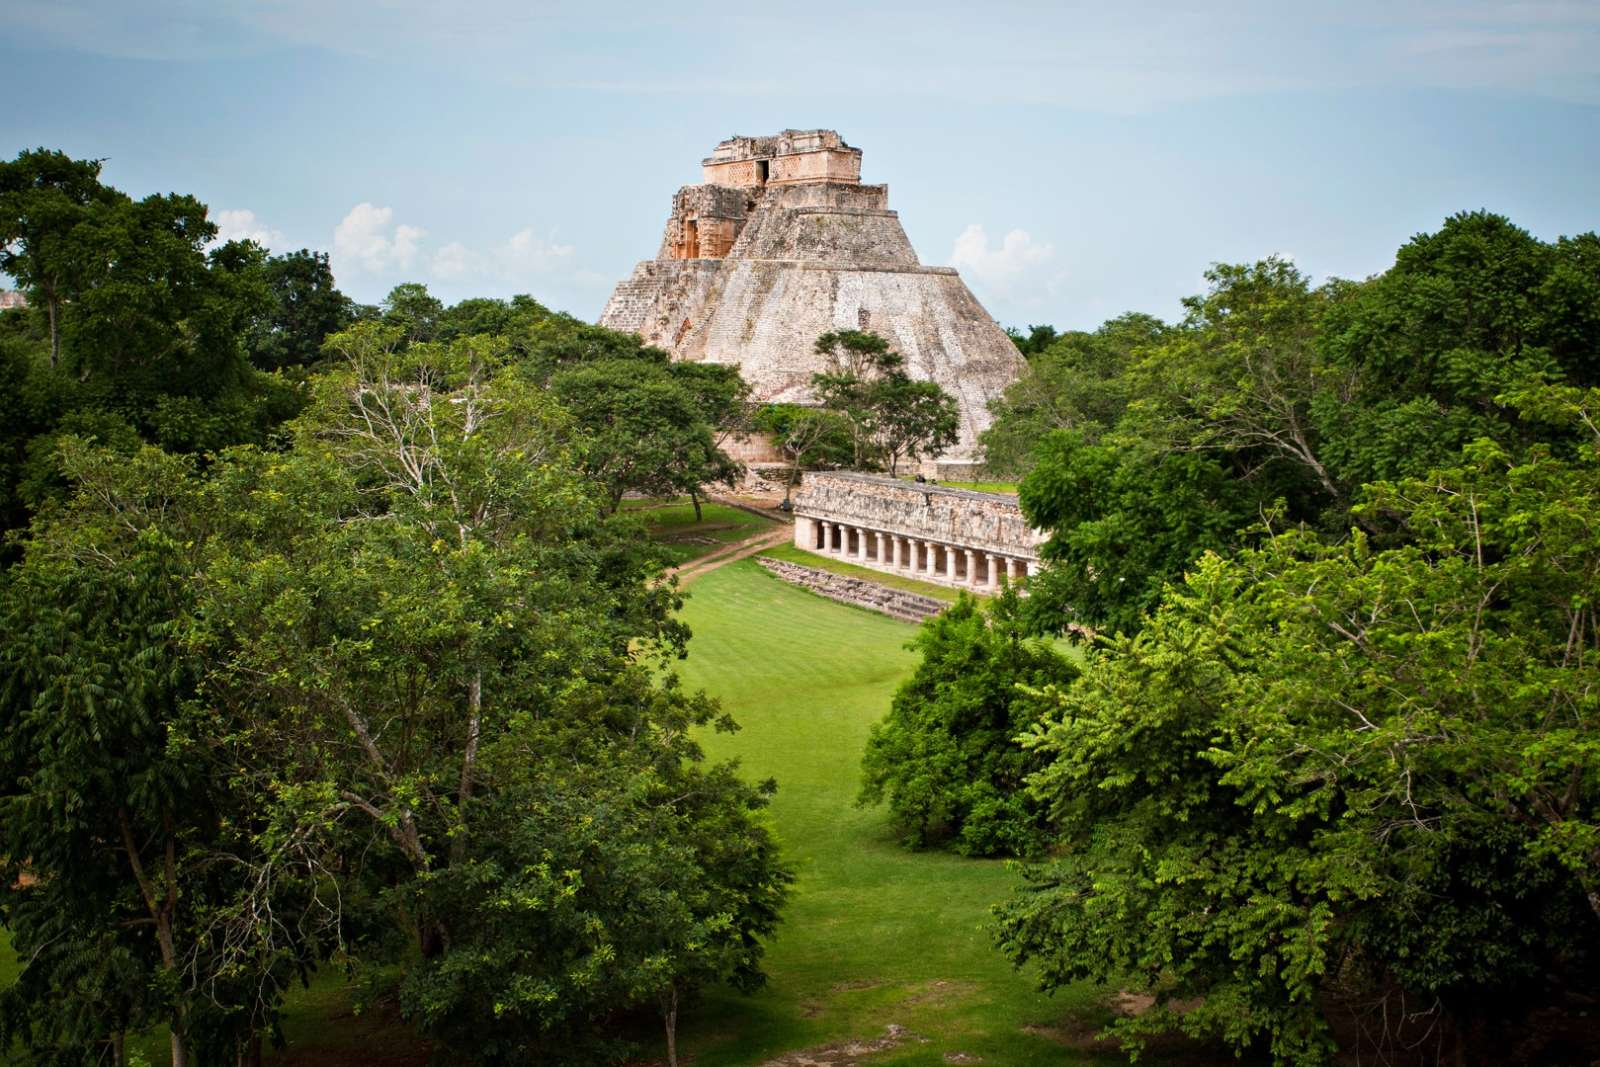 View to main pyramid at Uxmal, Mexico